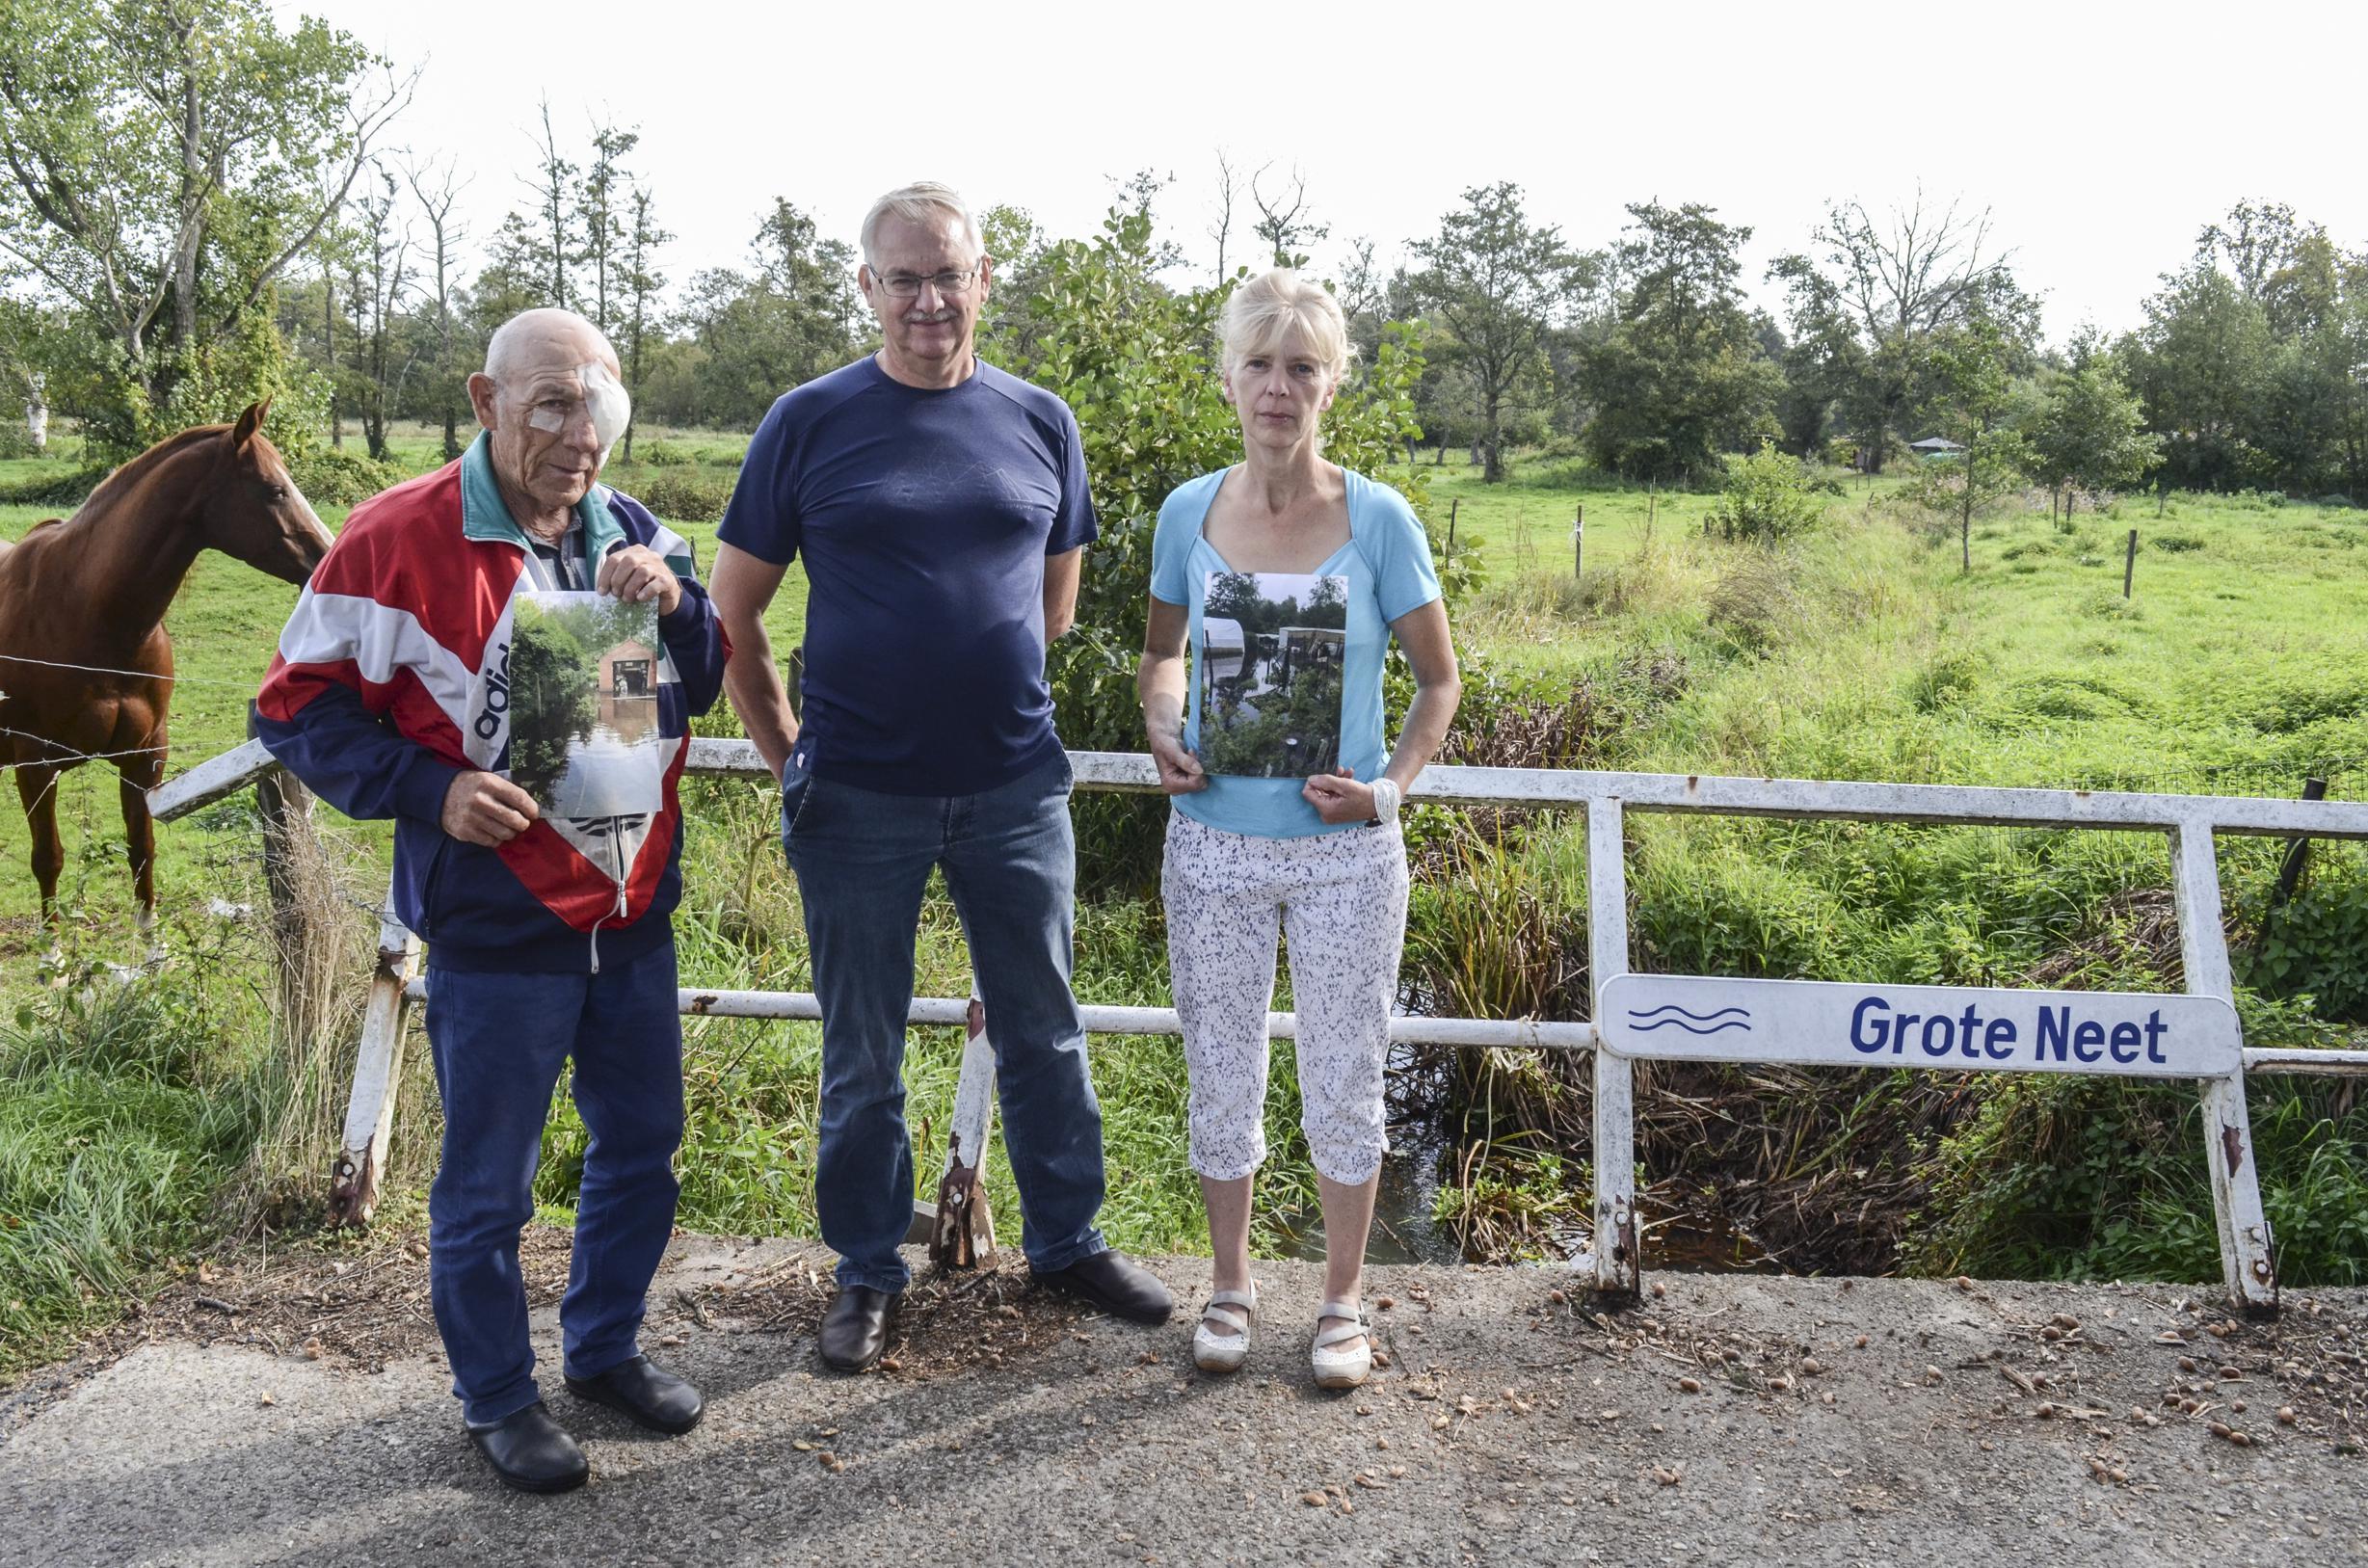 Huis wordt gesloopt om wateroverlast tegen te gaan - Het Nieuwsblad